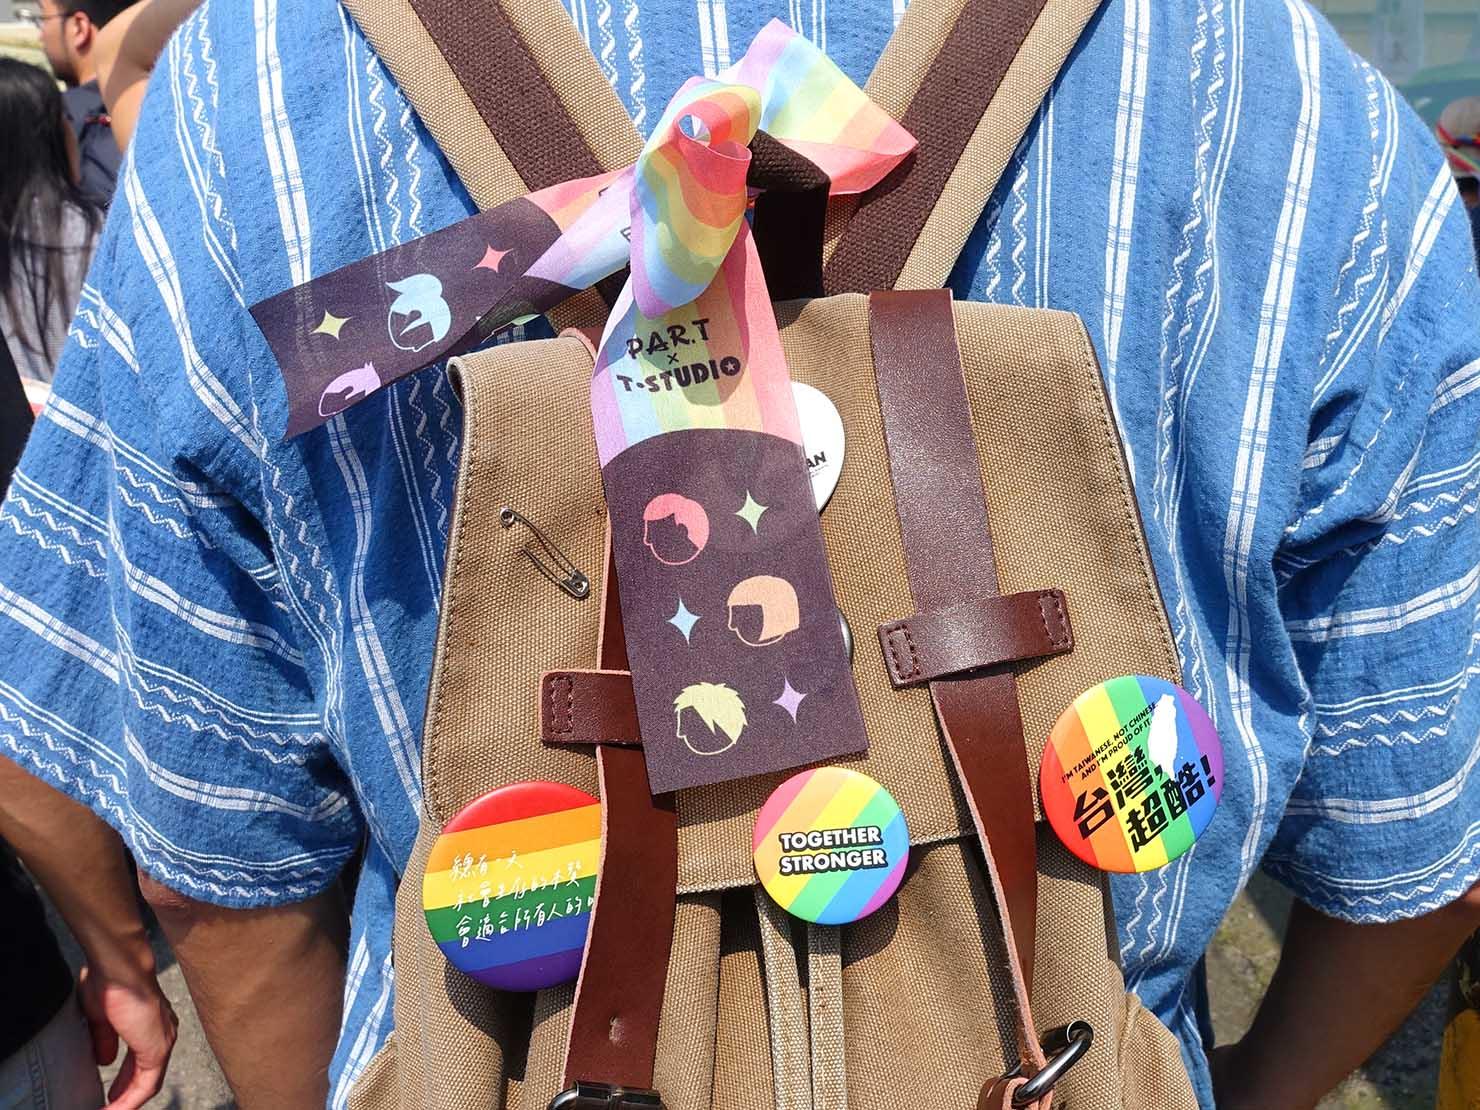 苗栗愛轉來平權遊行(苗栗LGBTプライド)2019のパレード参加者のリュックにつけられたバッジ